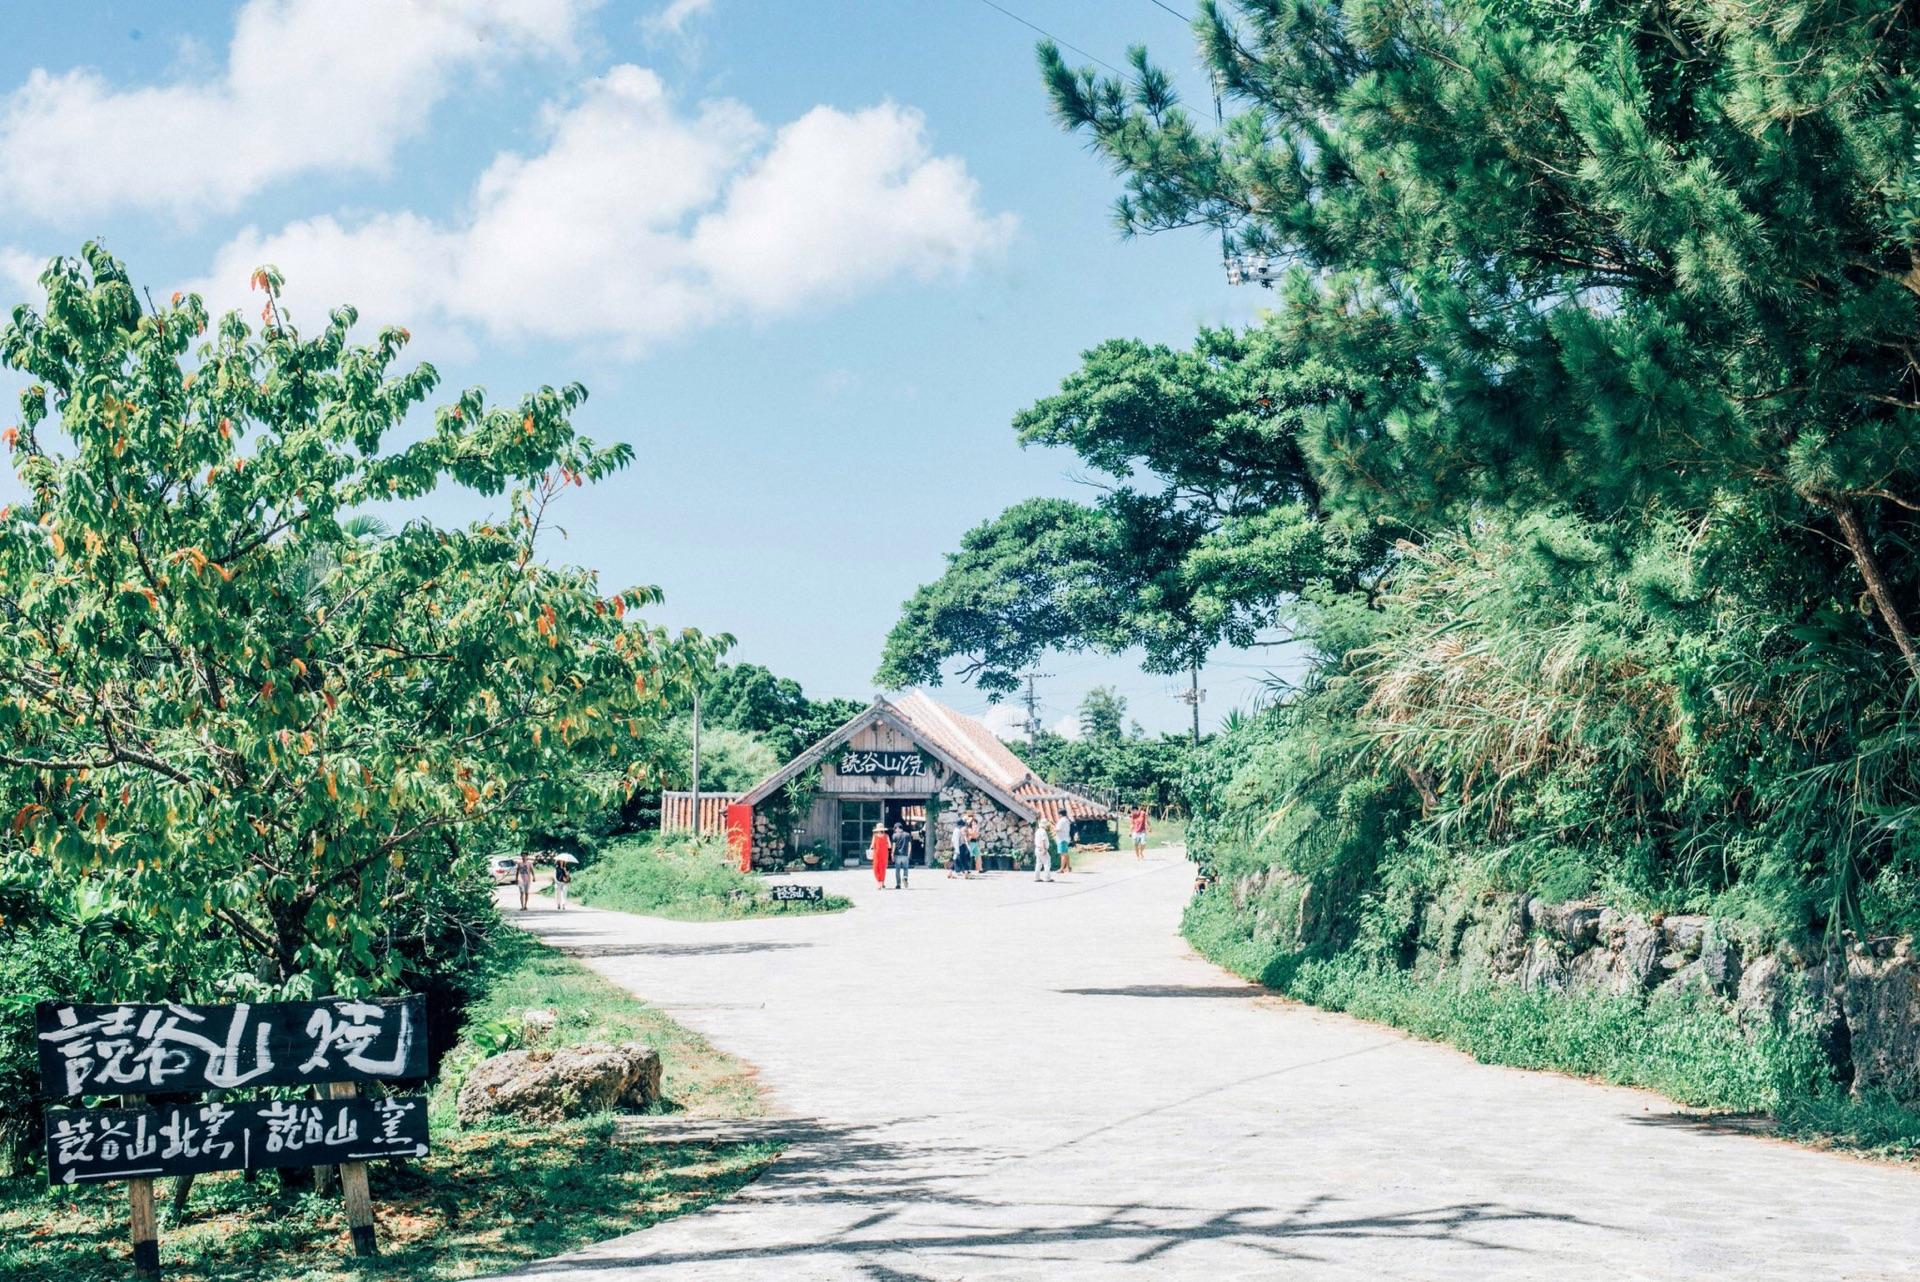 沖縄本島で絶対訪れるべき読谷村「やちむんの里」と、買ったやちむんたちを紹介します。